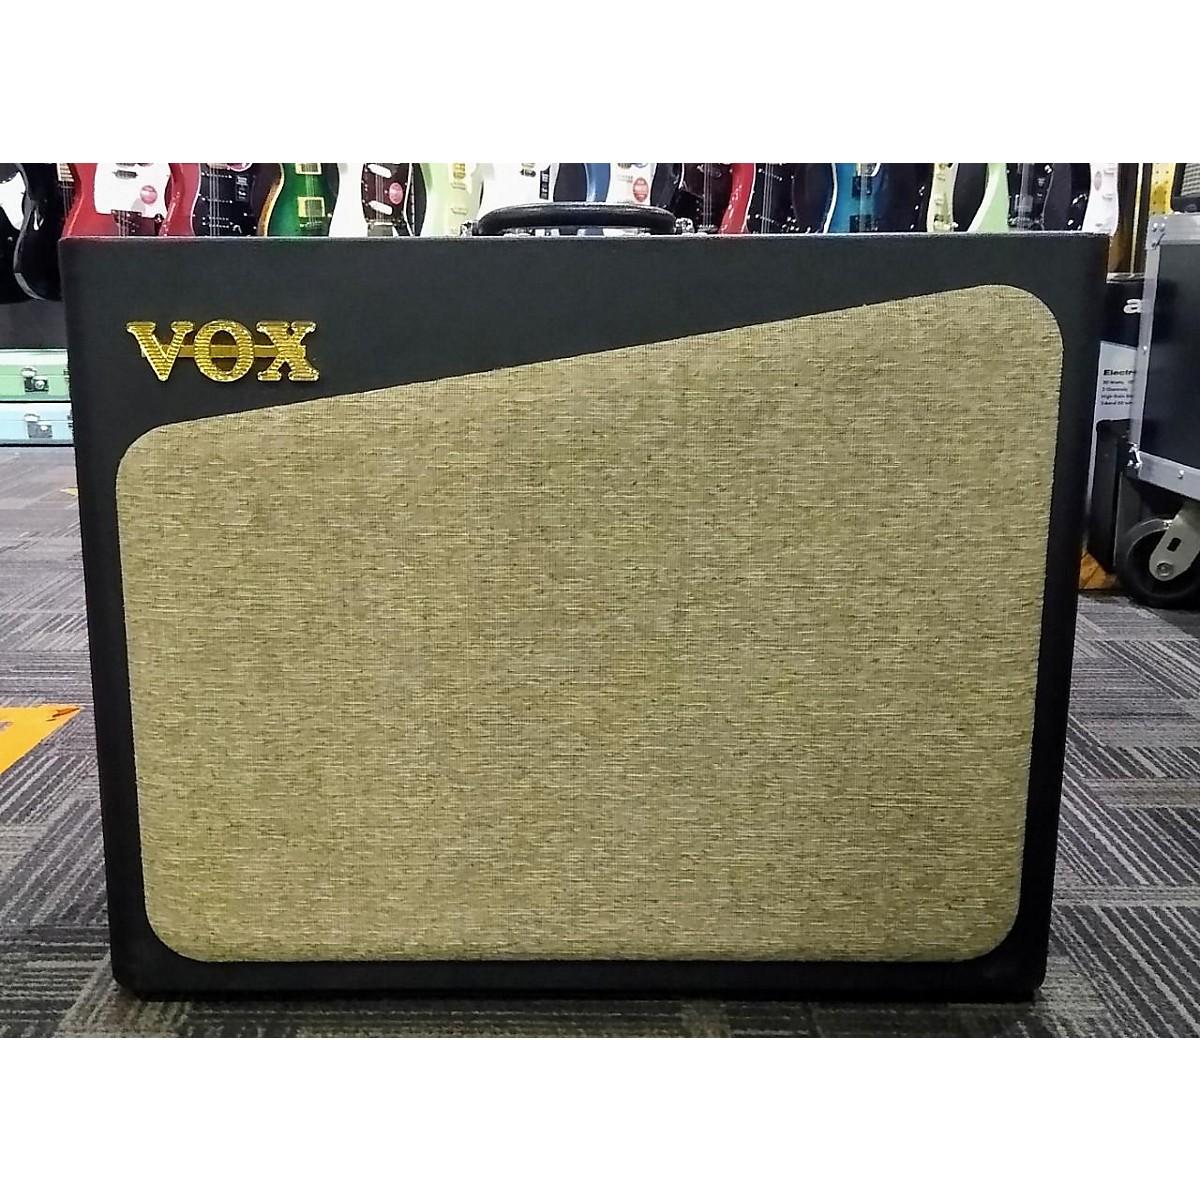 Vox AV60 60W 1x12 Analog Modeling Guitar Combo Amp